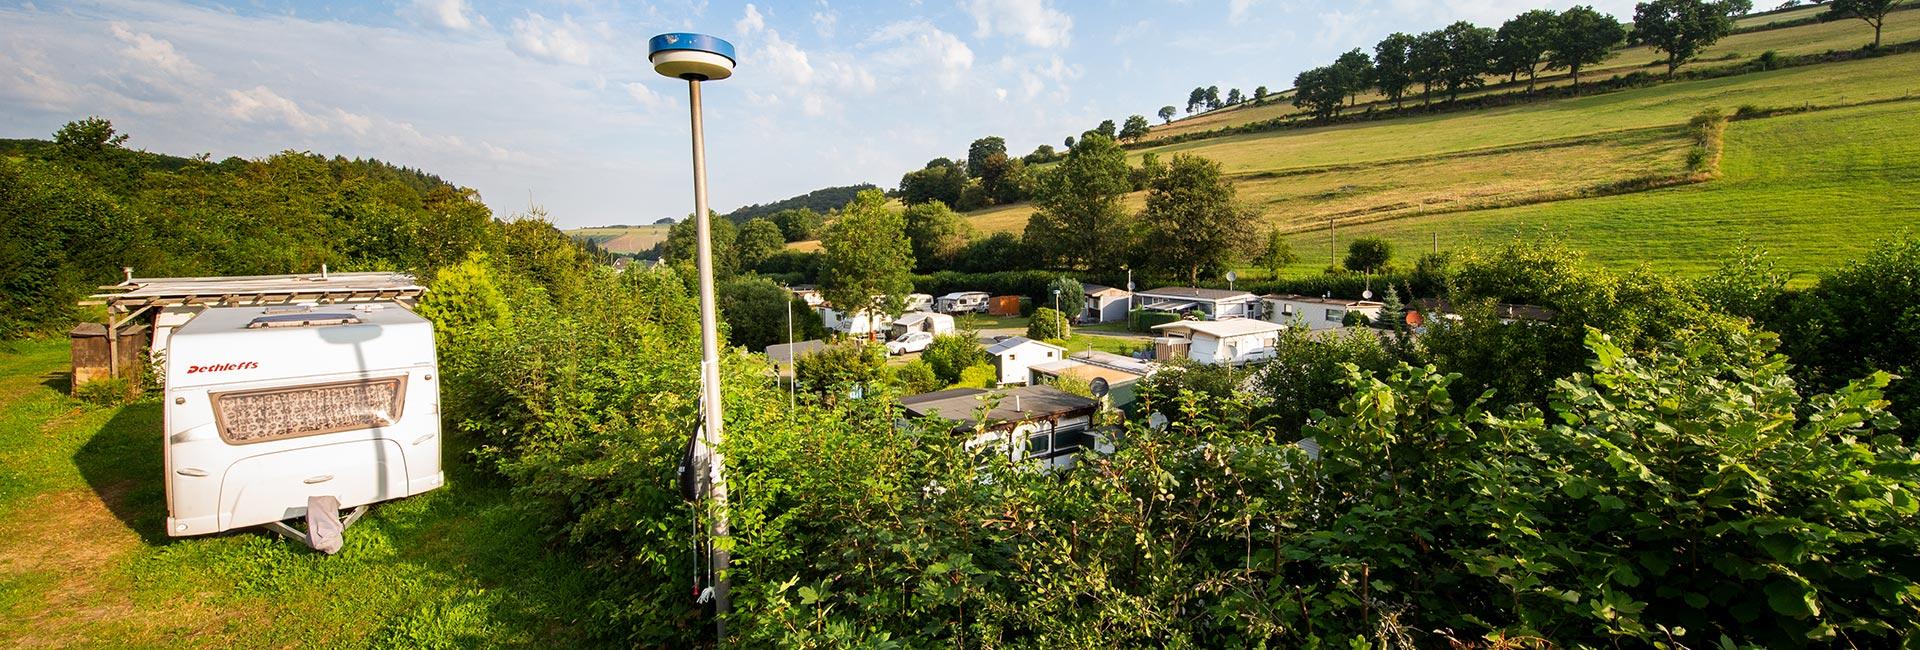 campingplatz_wiesental_sauerland_slider_home_003